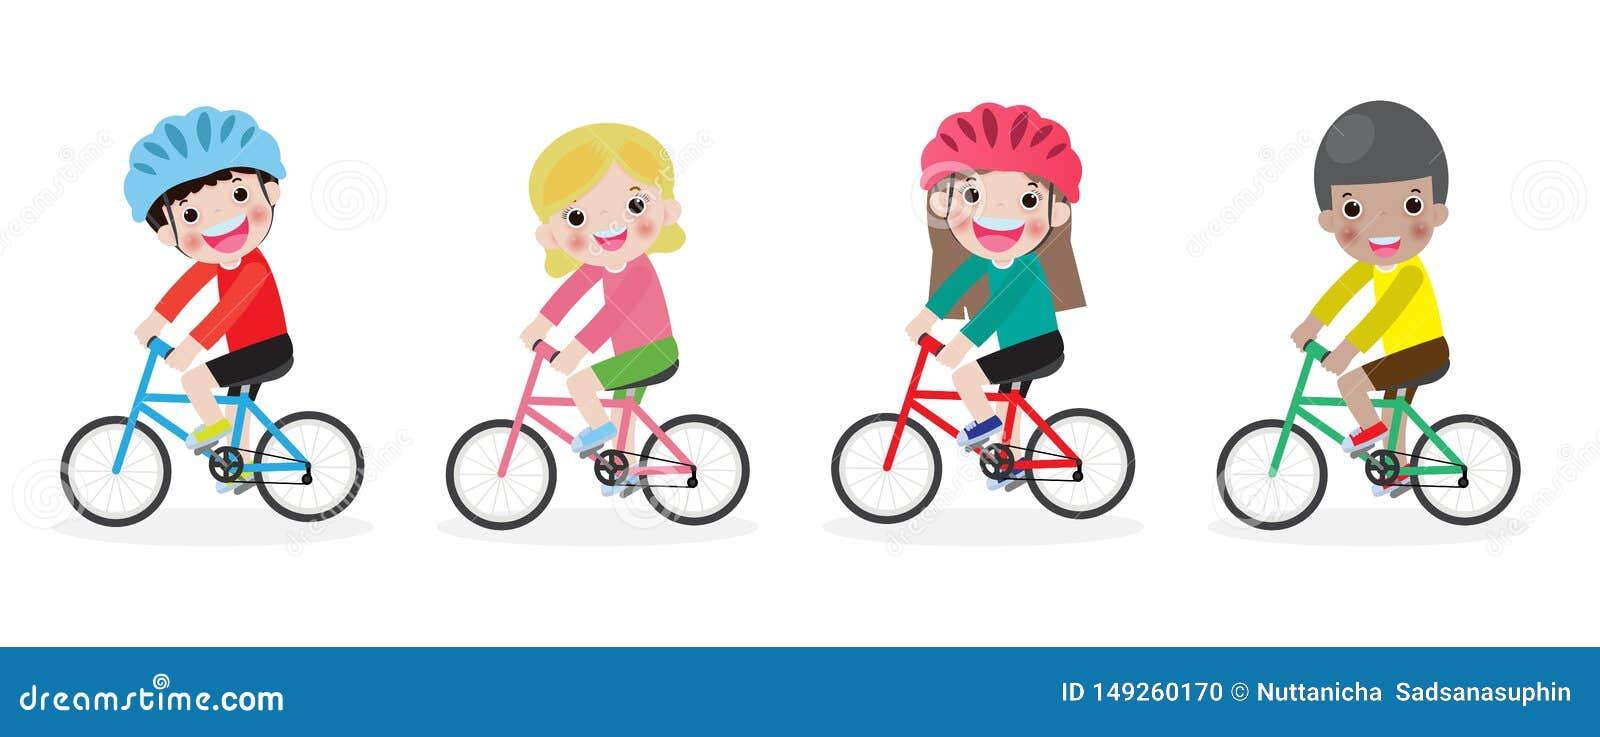 Счастливые дети на велосипедах, велосипеде катания детей, детях ехать велосипеды, велосипед катания ребенка, ребенок на векторе в